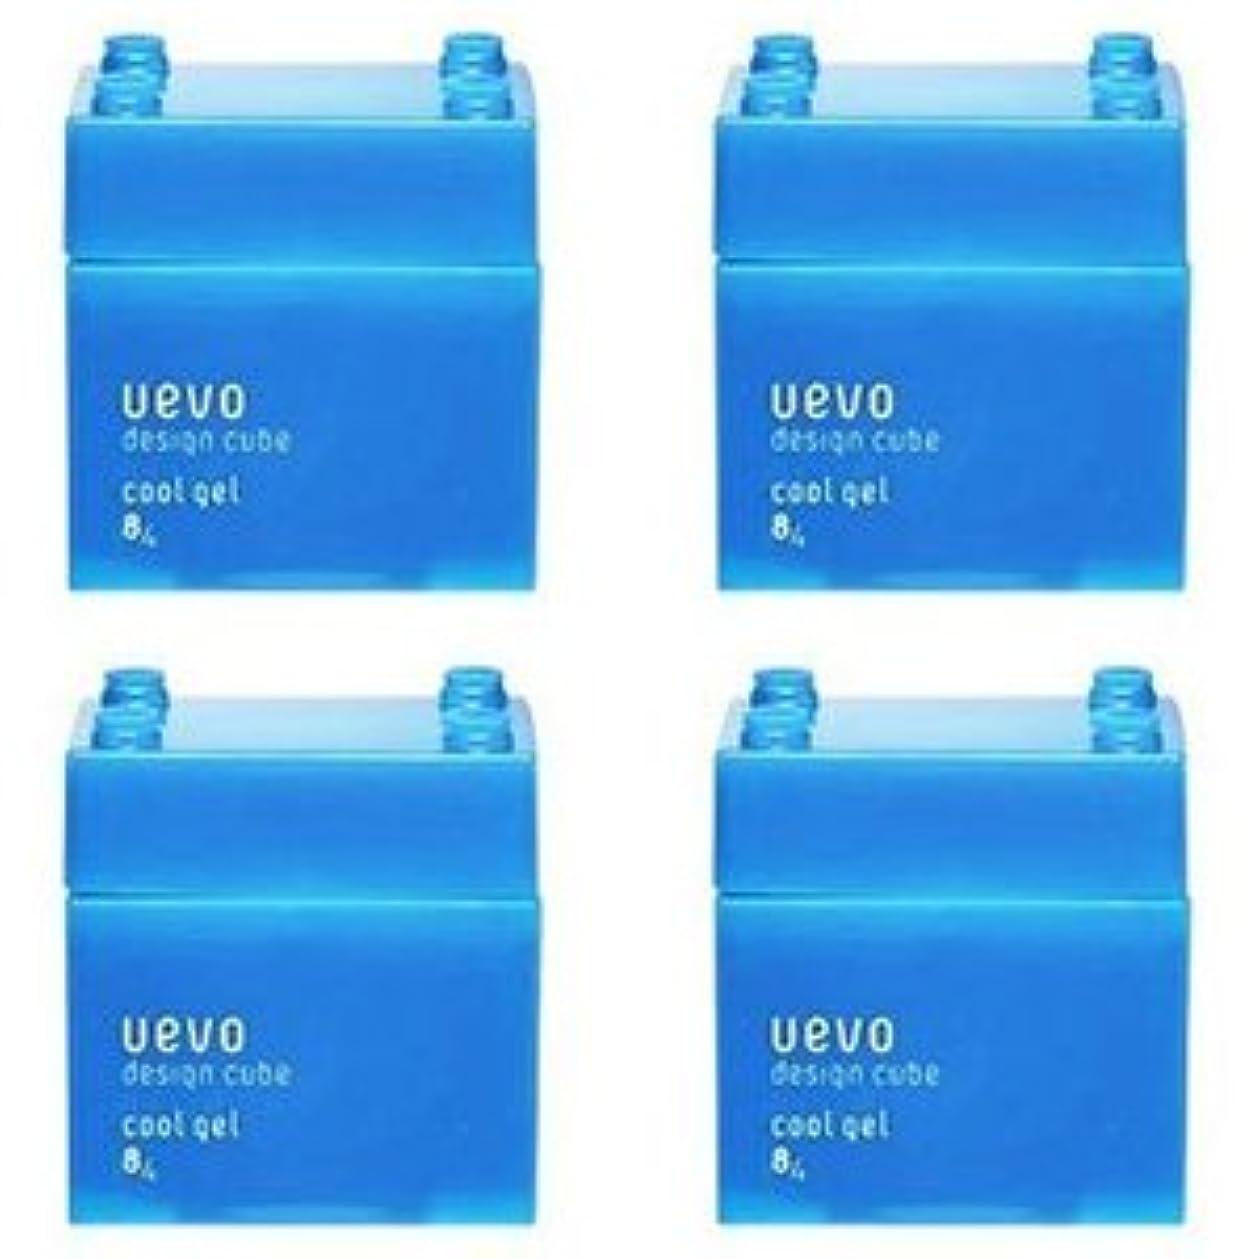 薬局太陽スタッフ【X4個セット】 デミ ウェーボ デザインキューブ クールジェル 80g cool gel DEMI uevo design cube